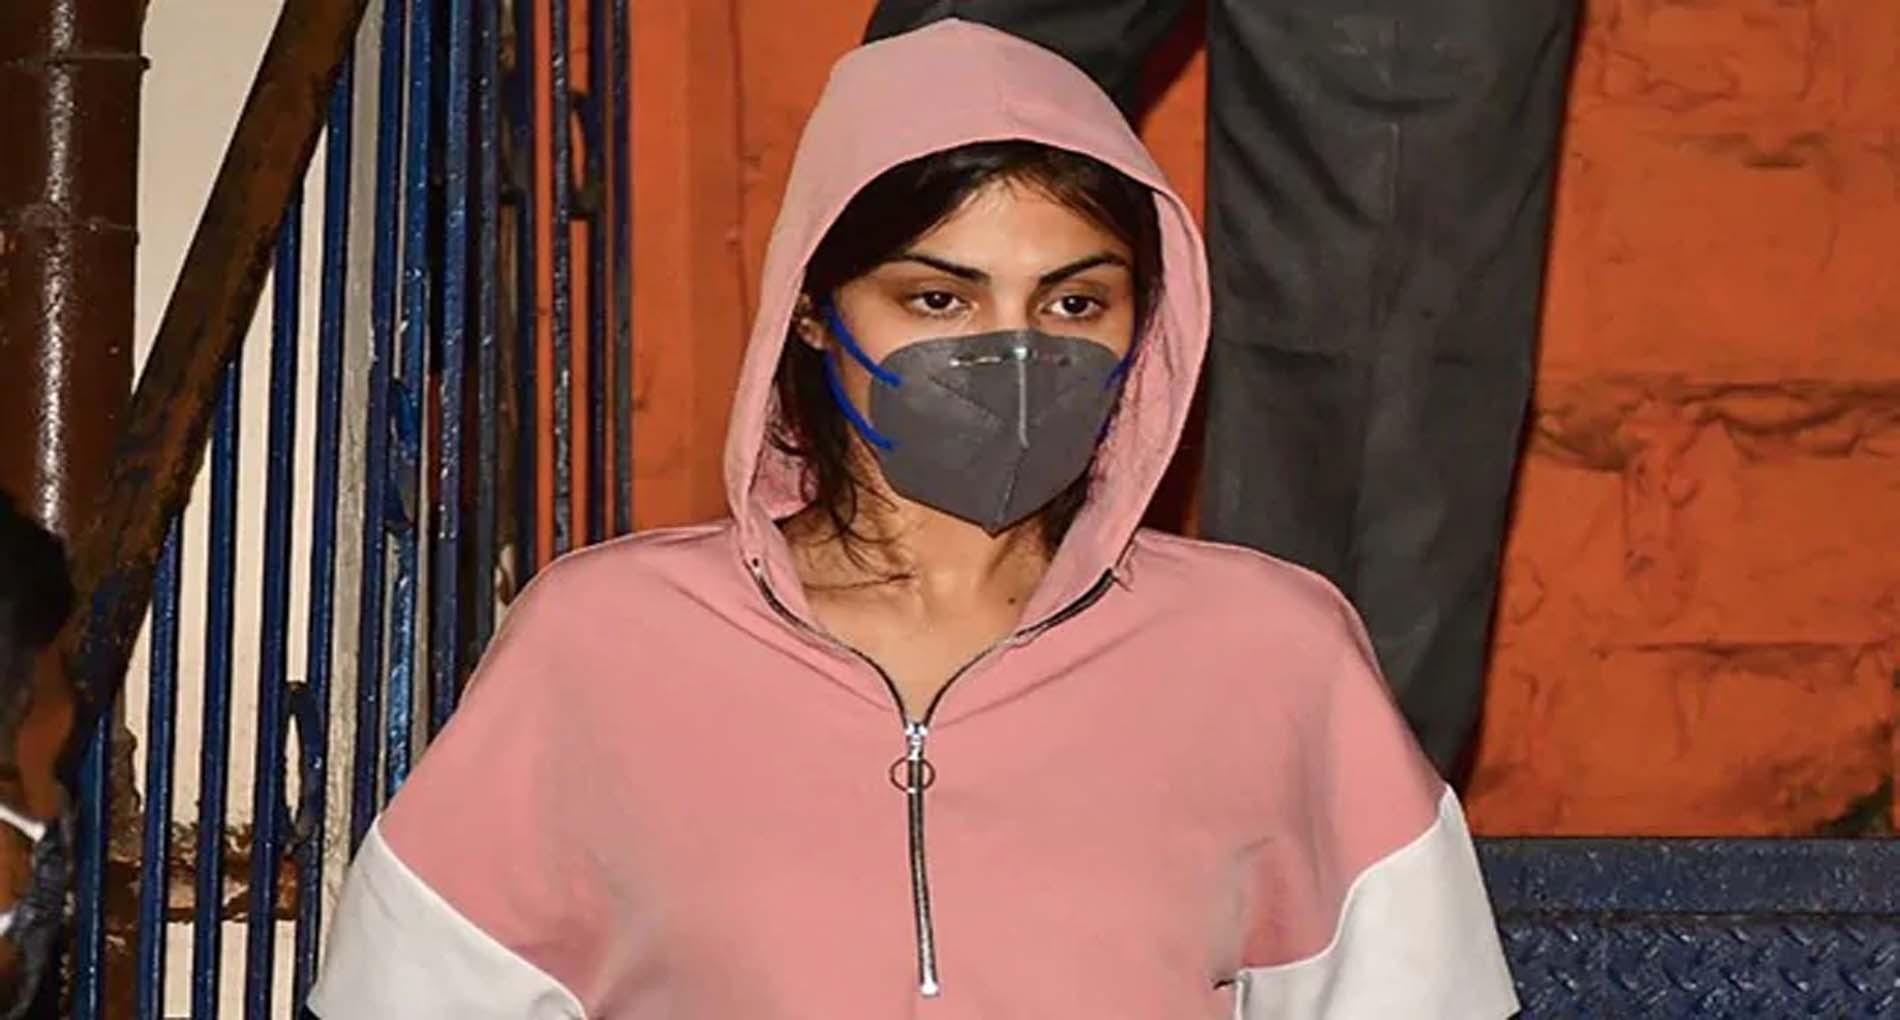 सुशांत केस: रिया चक्रवर्ती के वकील का बड़ा बयान, कहा-CBI को देंगे फर्जी दावा करने वालों की लिस्ट